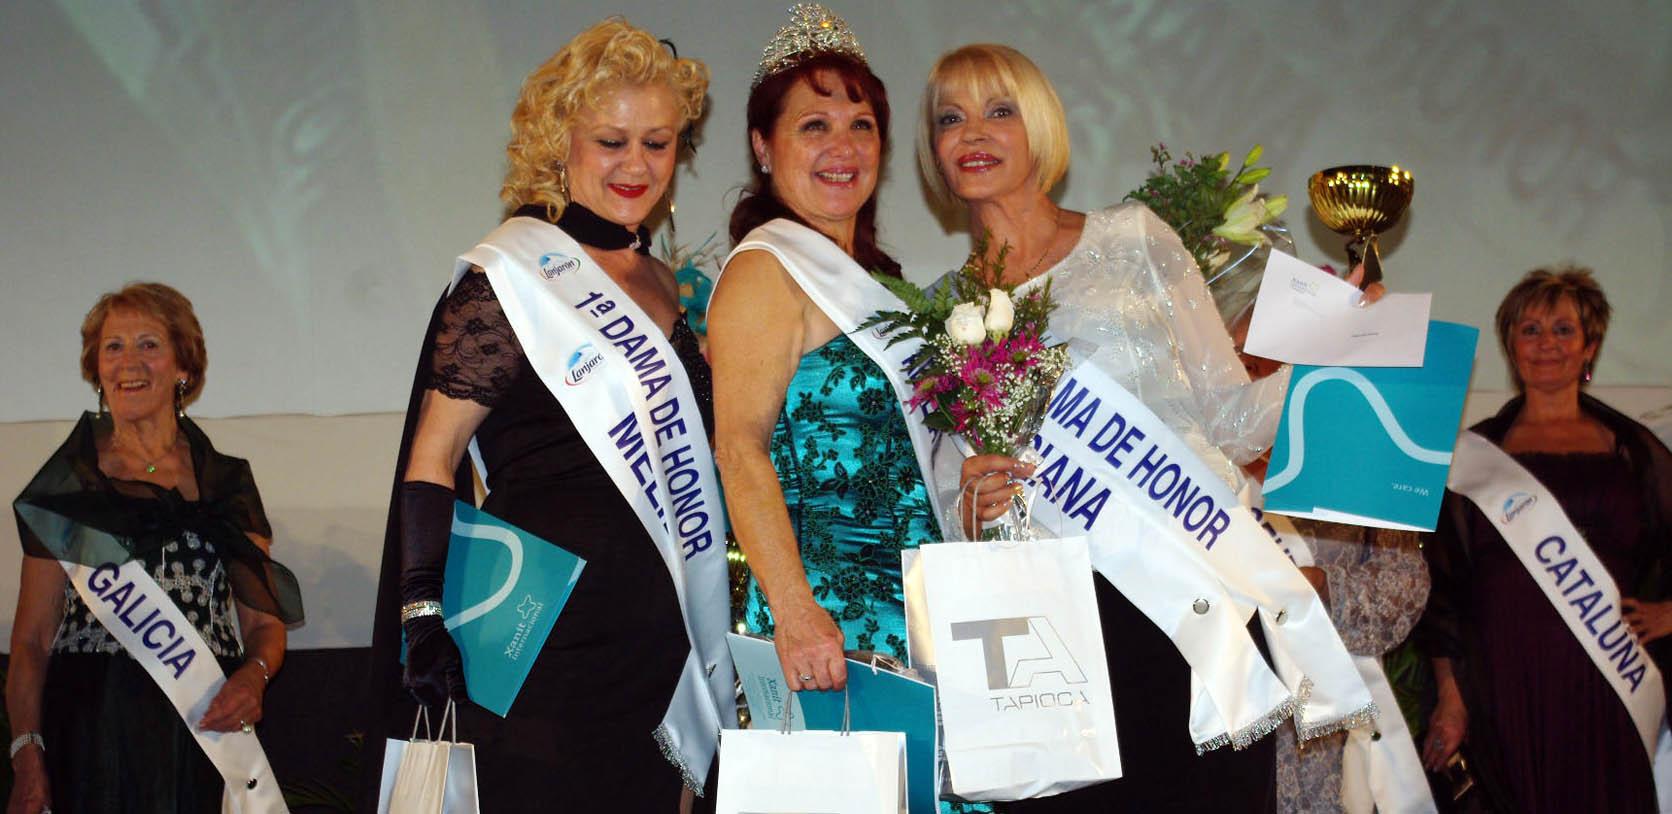 La madrileña Sonsoles Olayo se proclama 'Abuela de España' en Expojubilados 2011